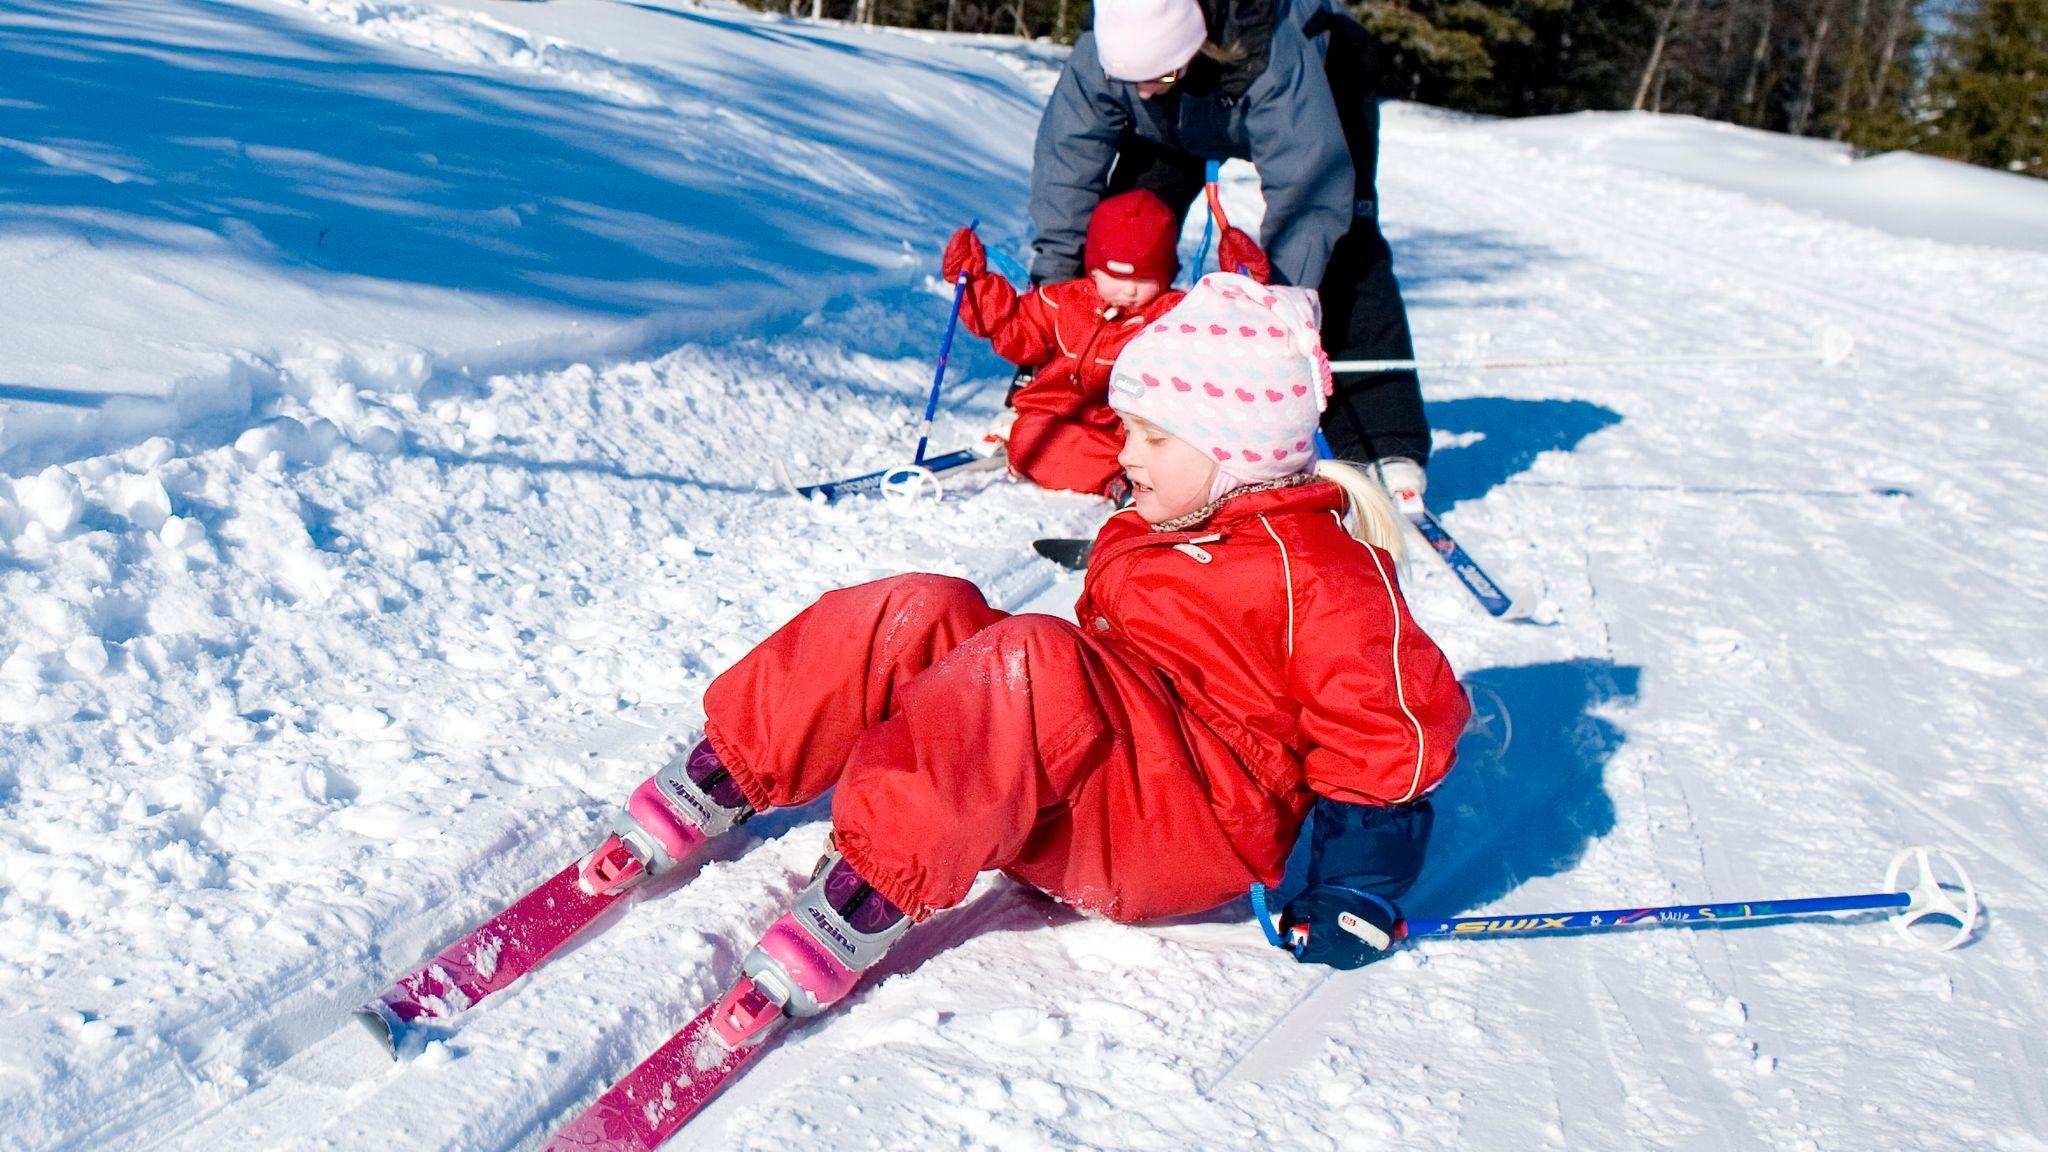 68960346e Friluftsekspertenes beste vinterferietips - Stavanger Aftenblad